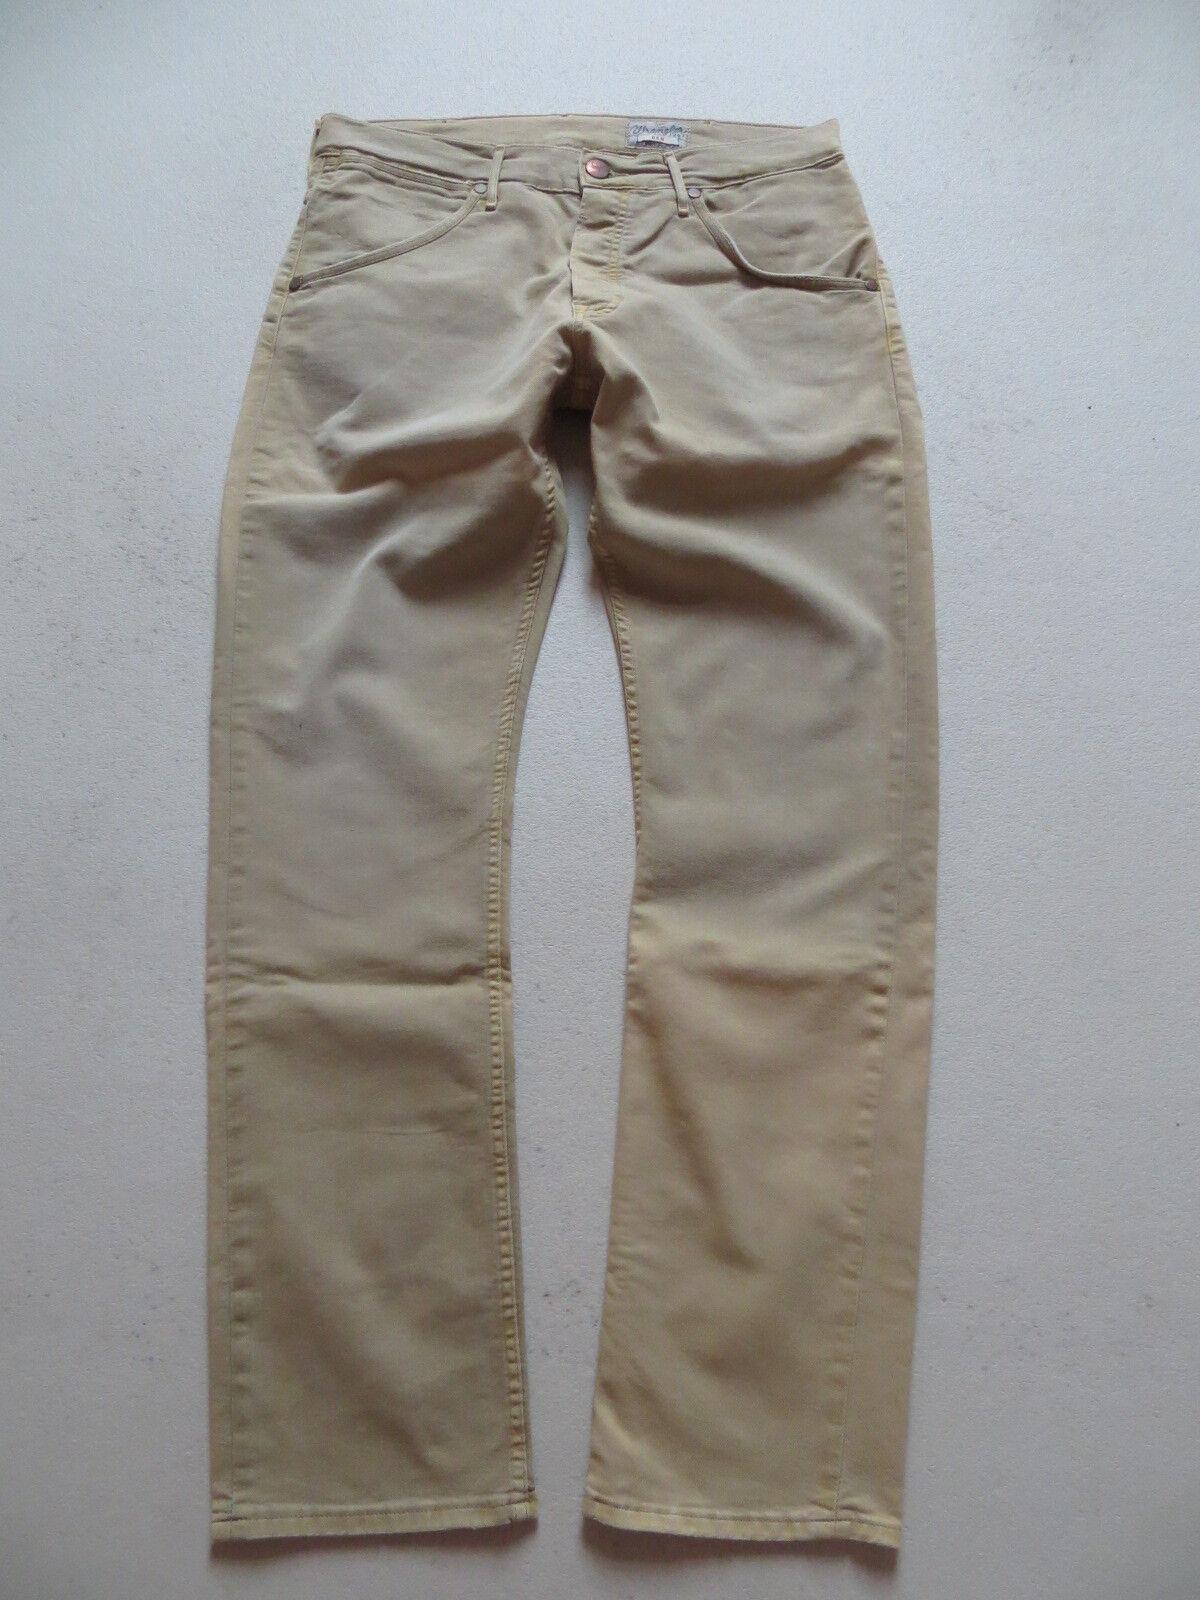 Wrangler BEN Jeans Hose, Röhre, W 33  L 32, coulored Vintage Denim mit Stretch